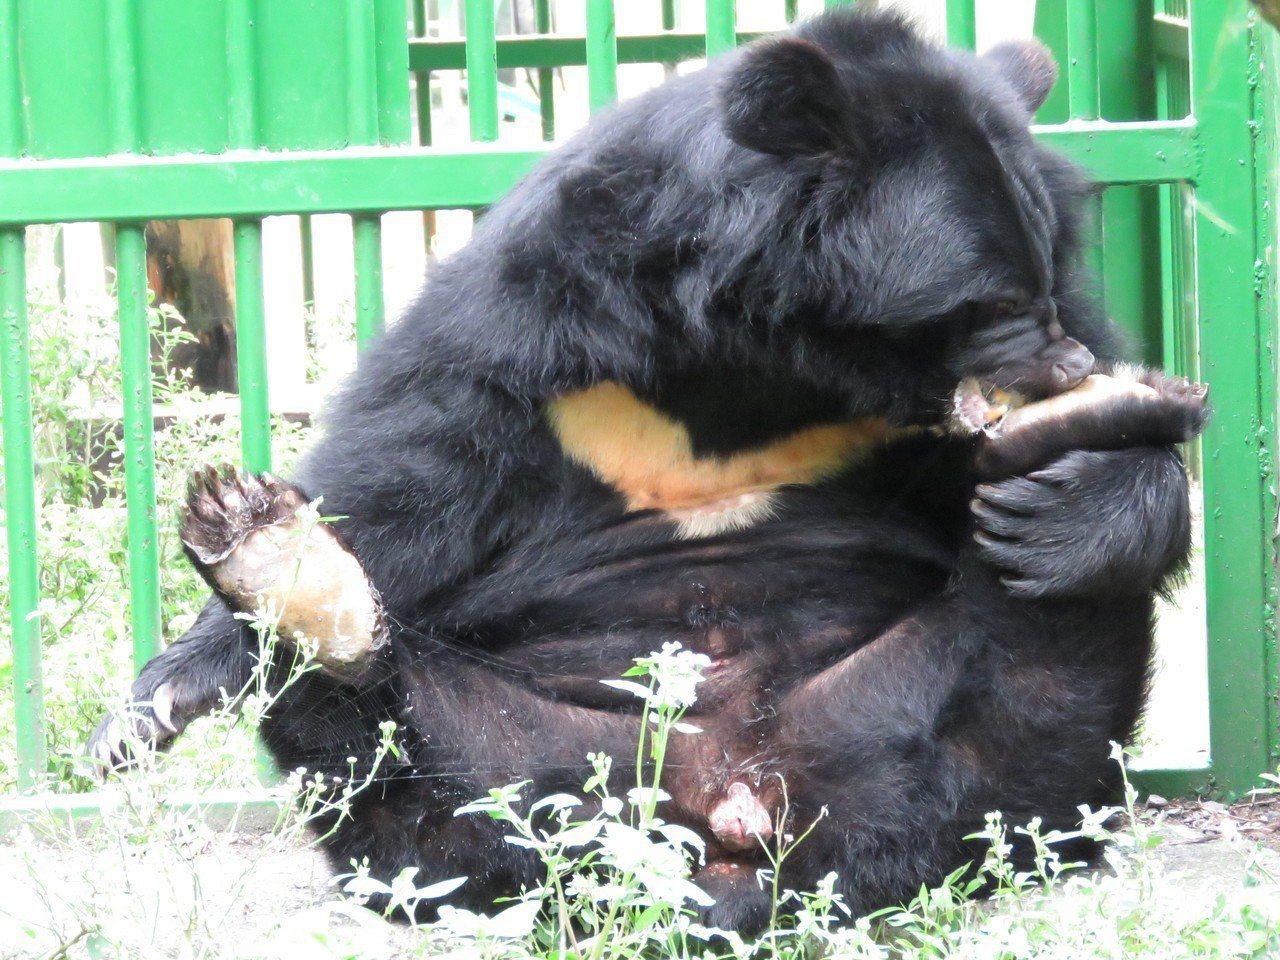 農委會特生中心低海拔試驗站透過訓練提高圈養黑熊的福利。圖/特生中心提供